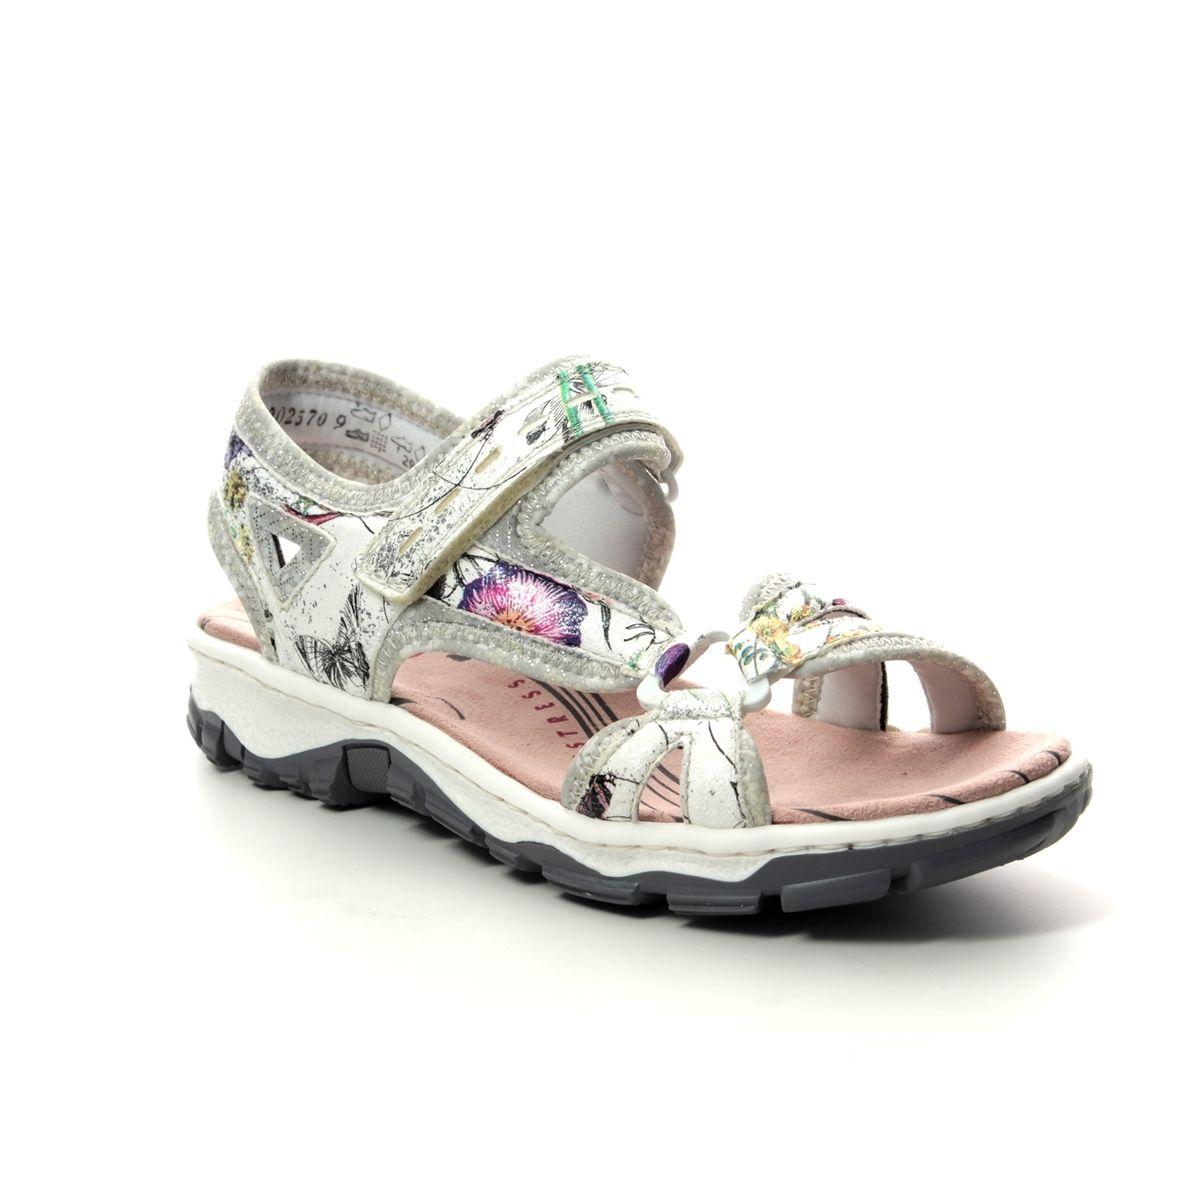 31486b314f6d Rieker Walking Sandals - Floral print - 68879-90 BARRIER